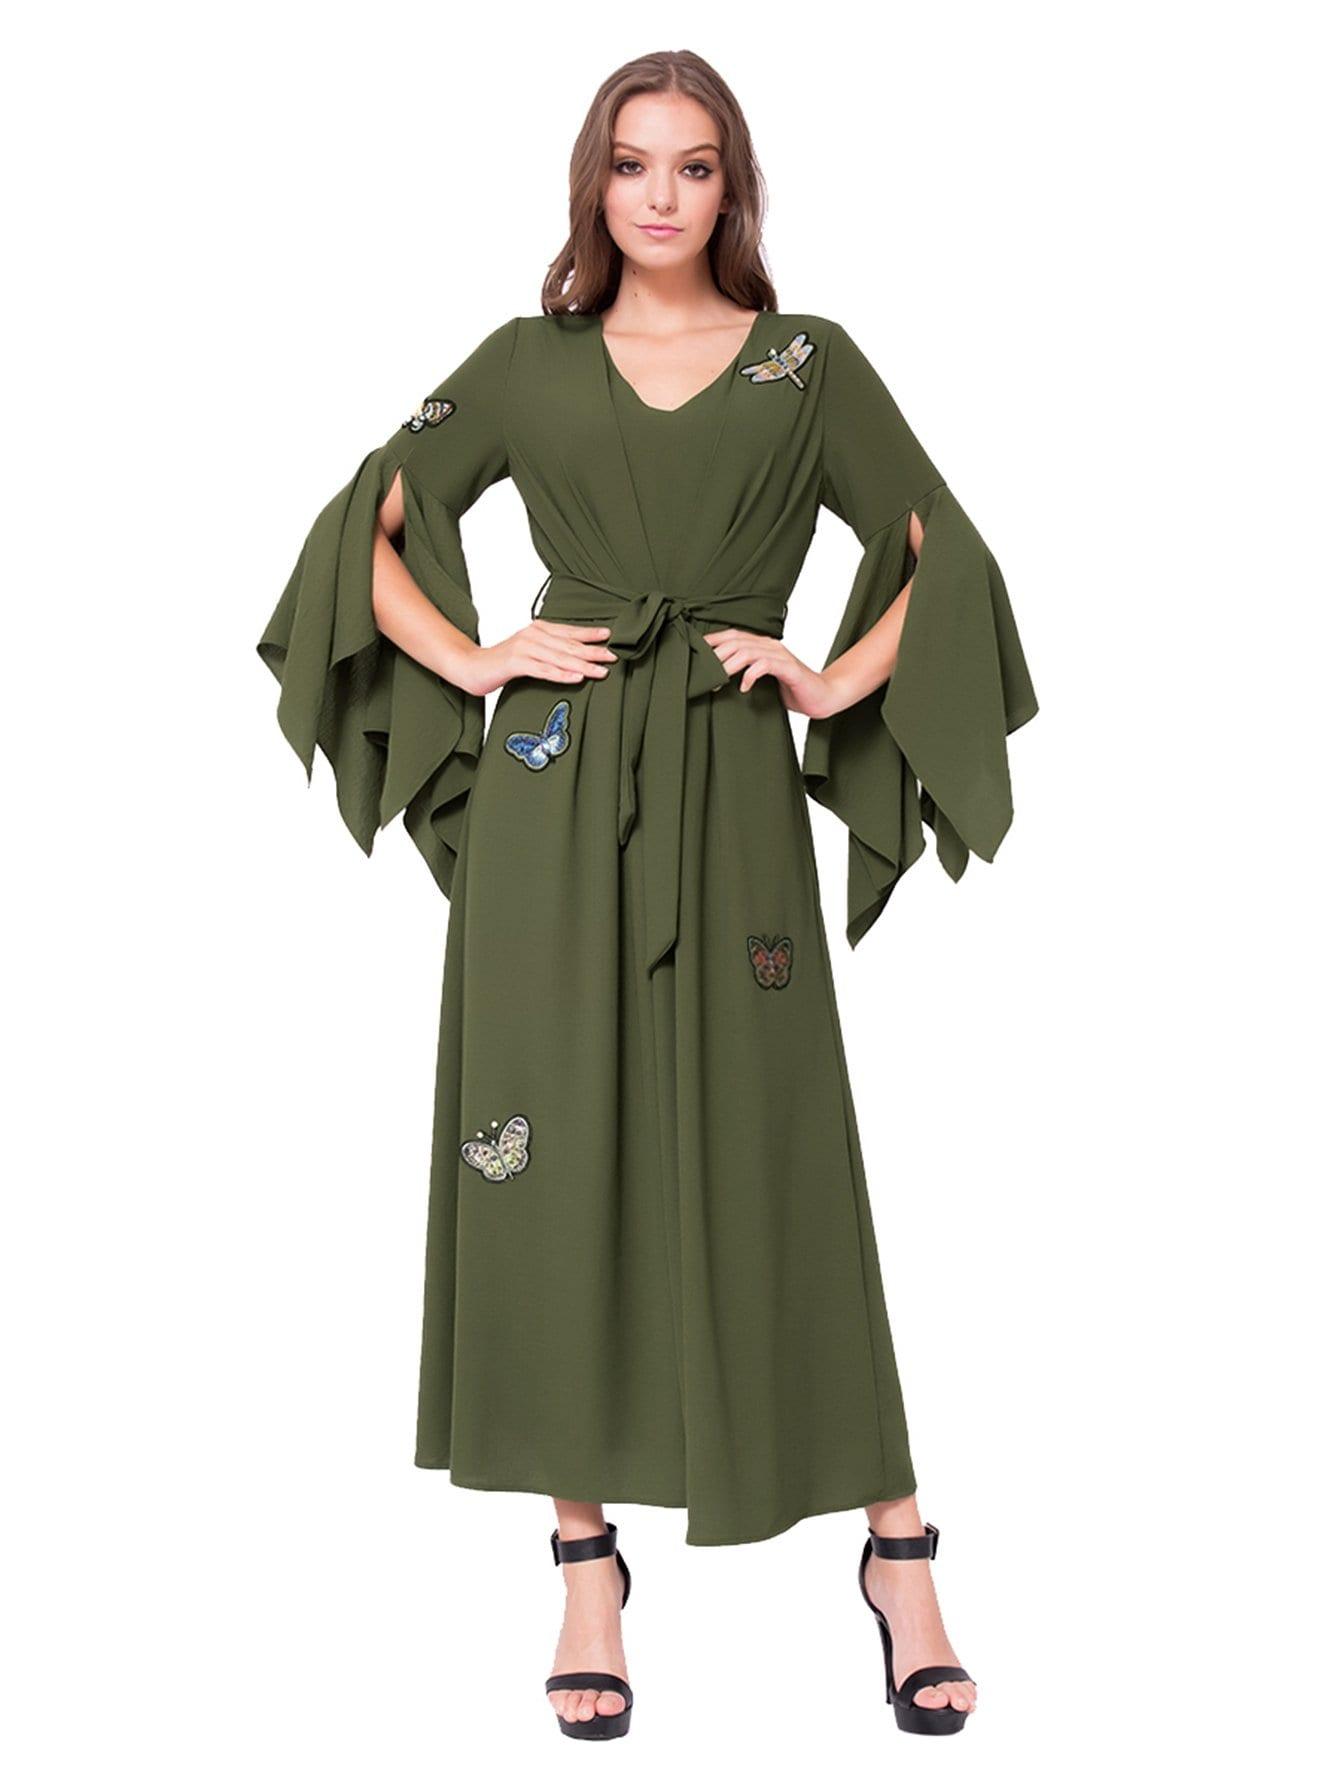 Платье с бабочкой с вышивкой из бабочки, null, SheIn  - купить со скидкой